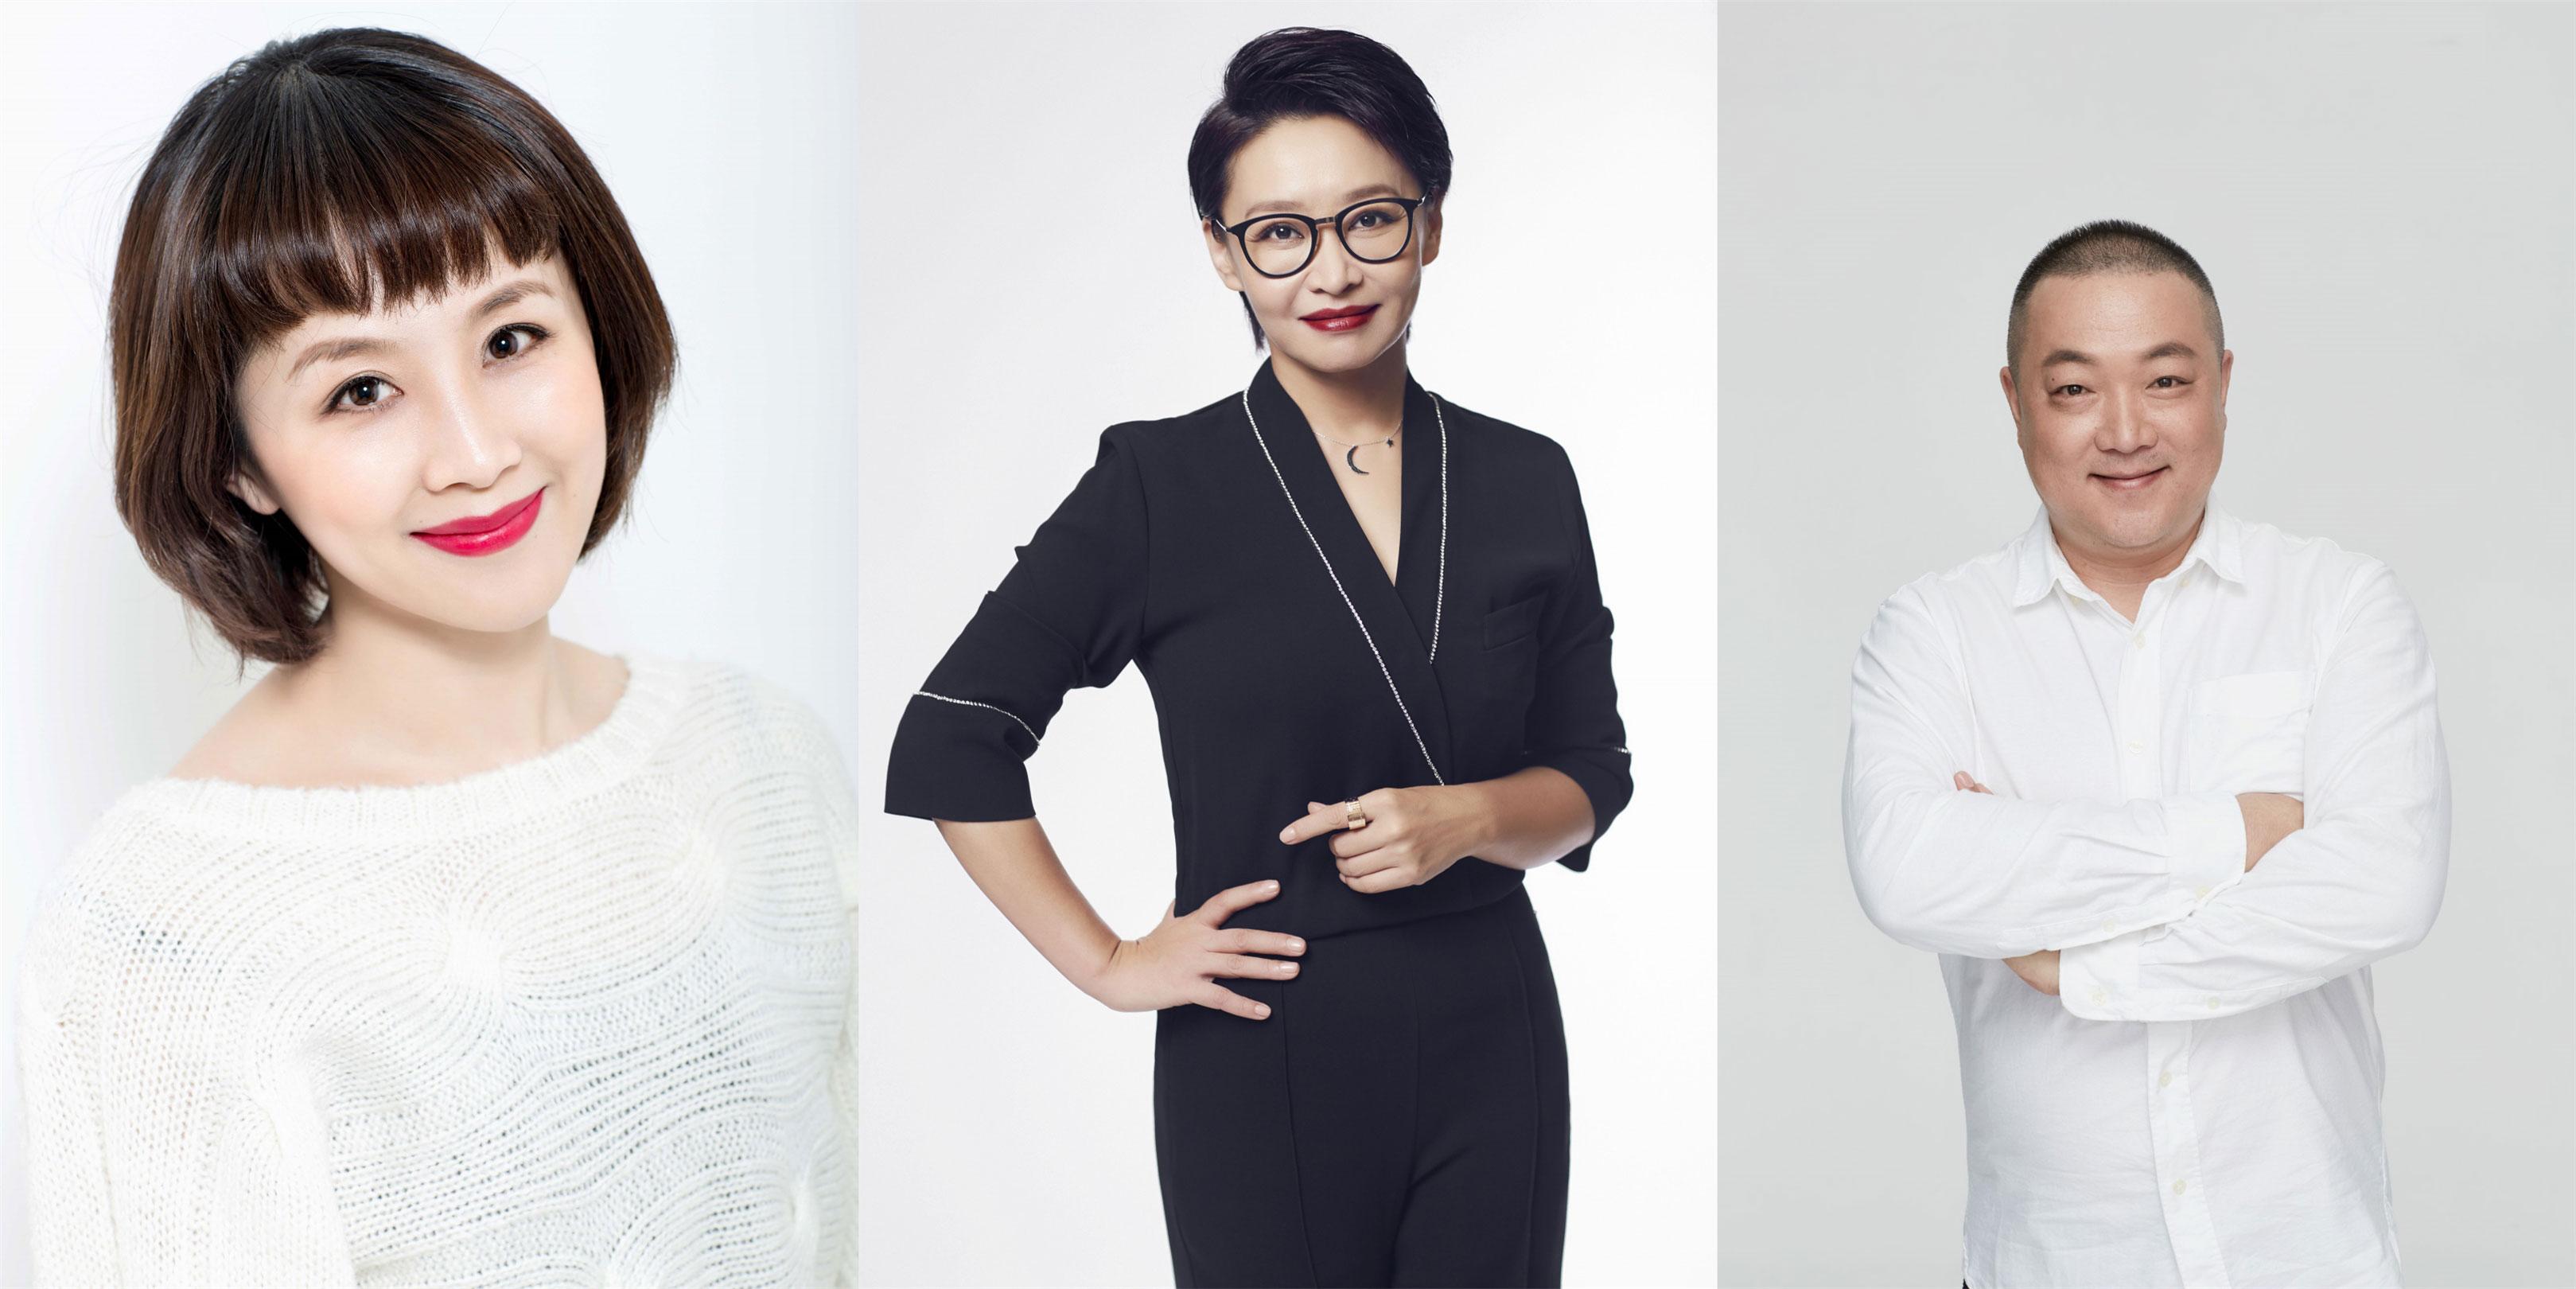 《演员的品格》刘天池带队加盟 指导新人演员品训之路